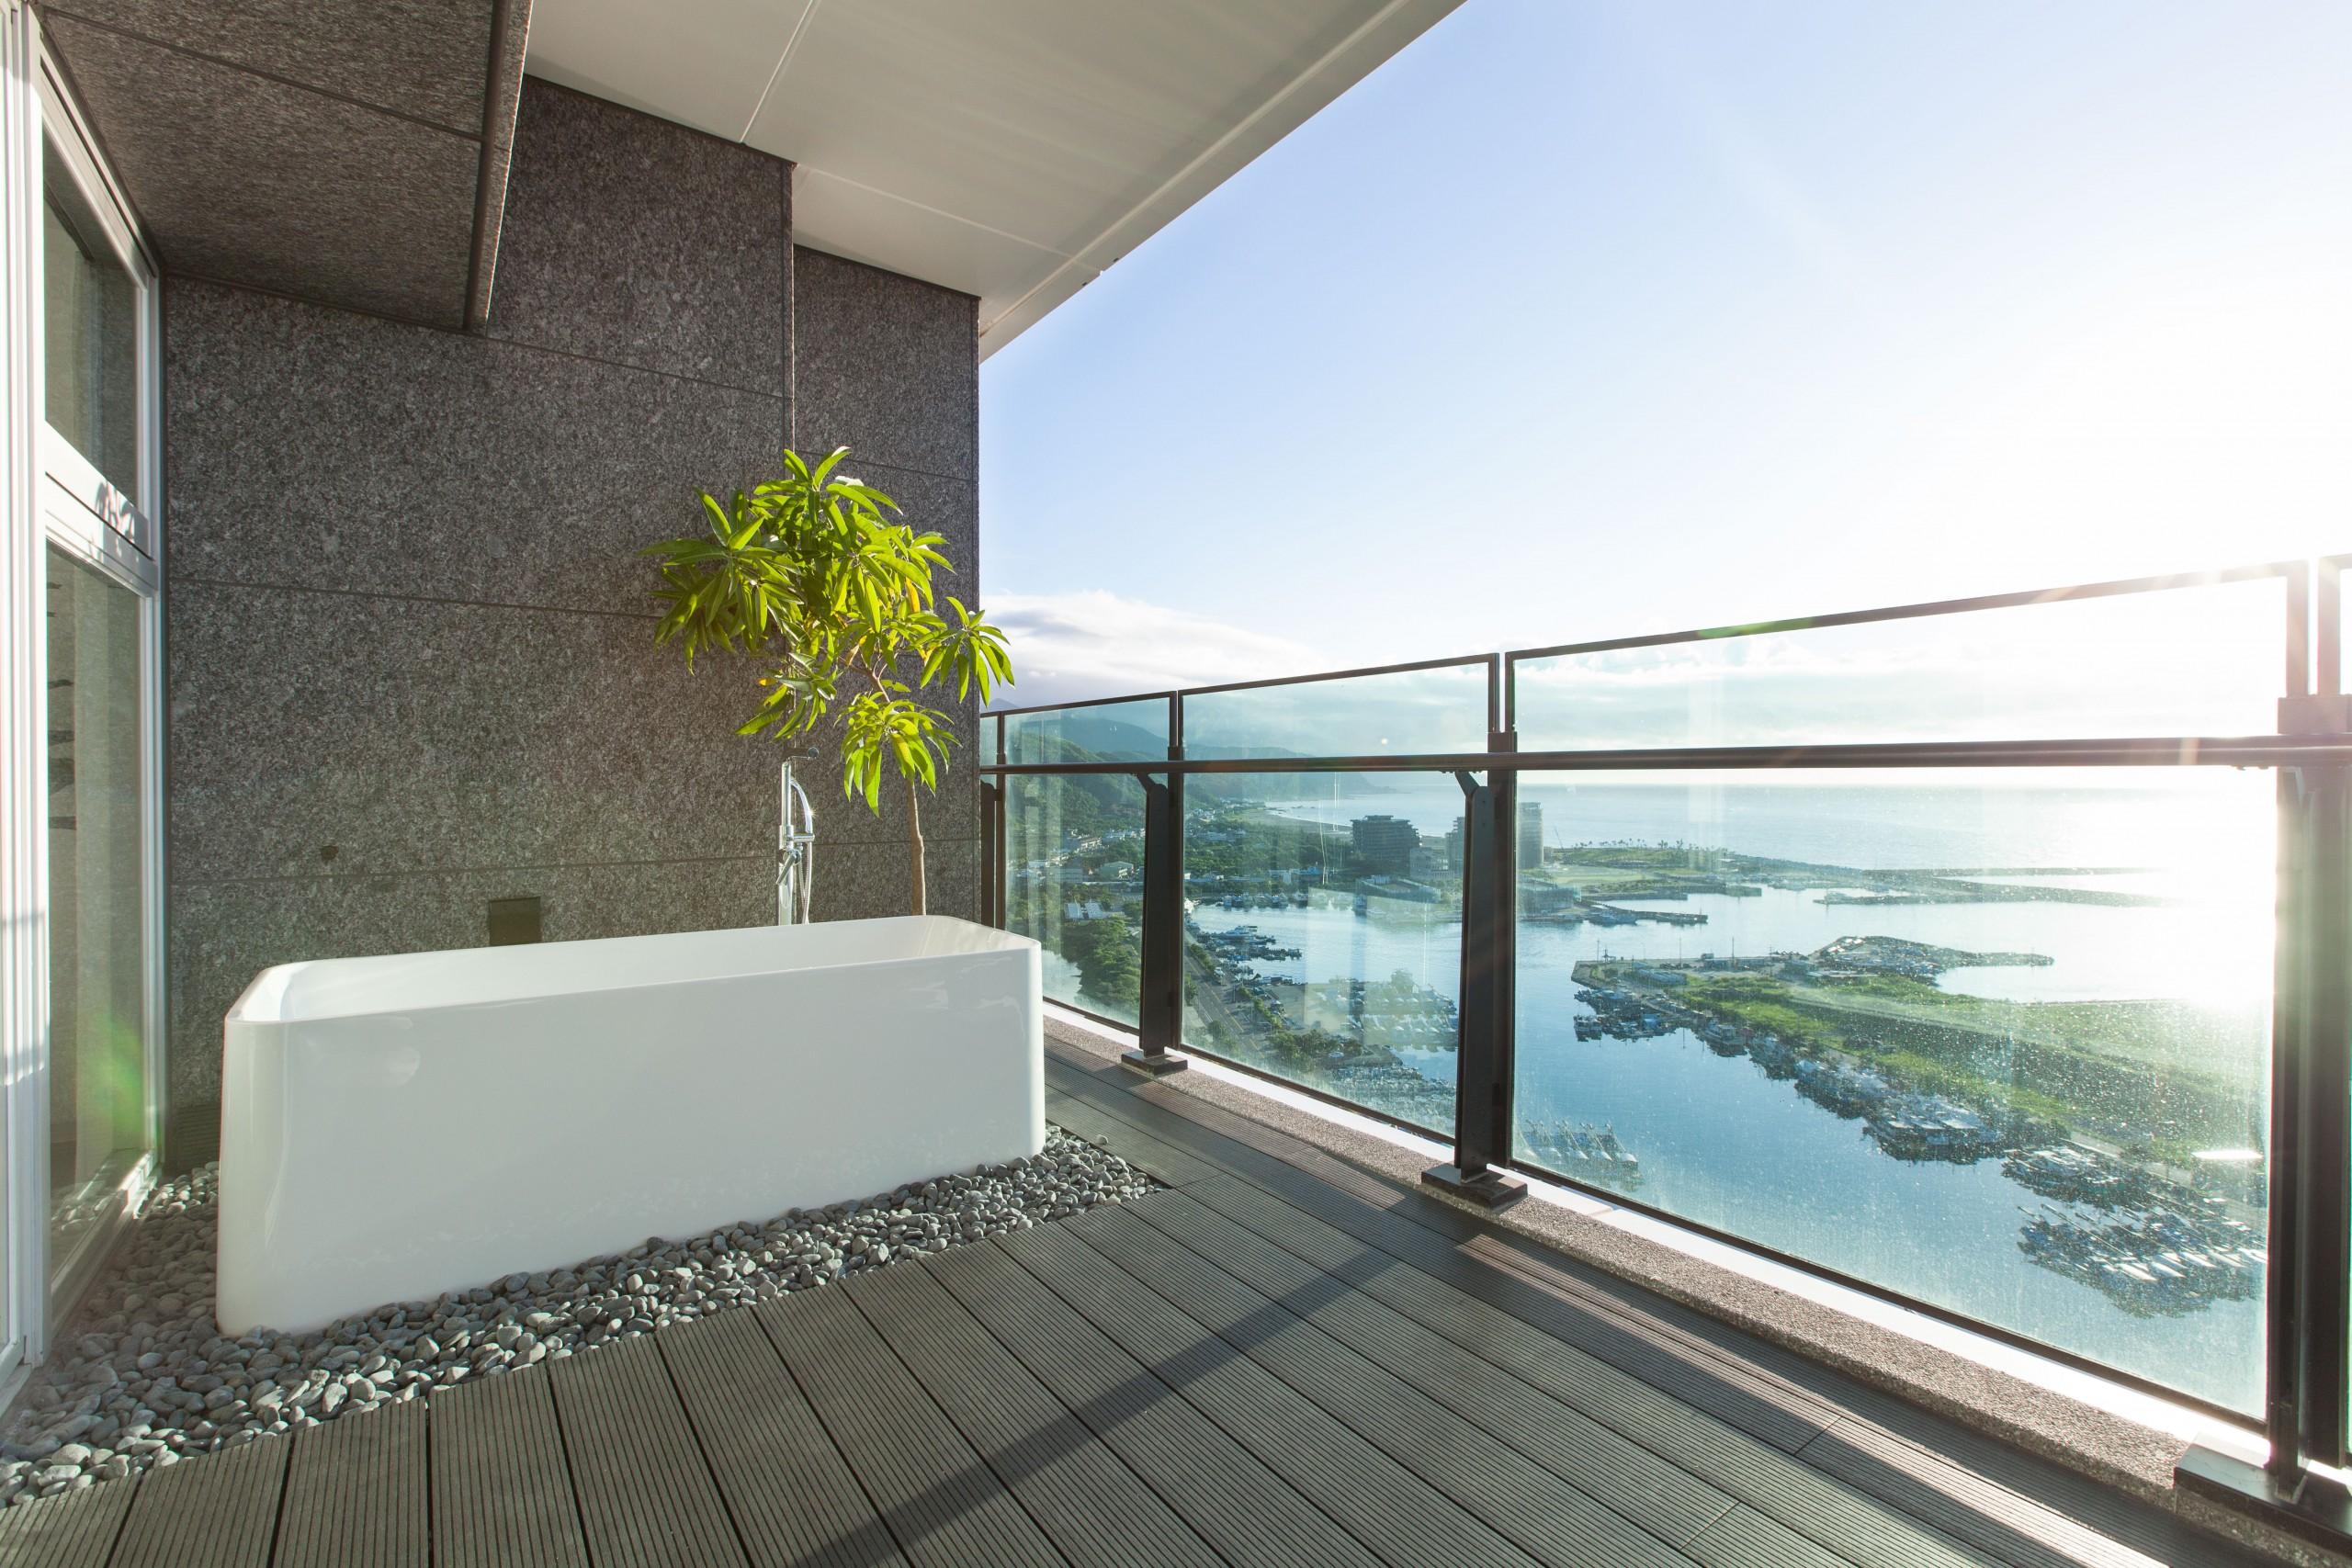 建案 建築 室內設計 景觀設計 智慧家庭規劃 不動產行銷企劃與市場銷售策略 SaaS服務 品牌轉型策略 品牌設計